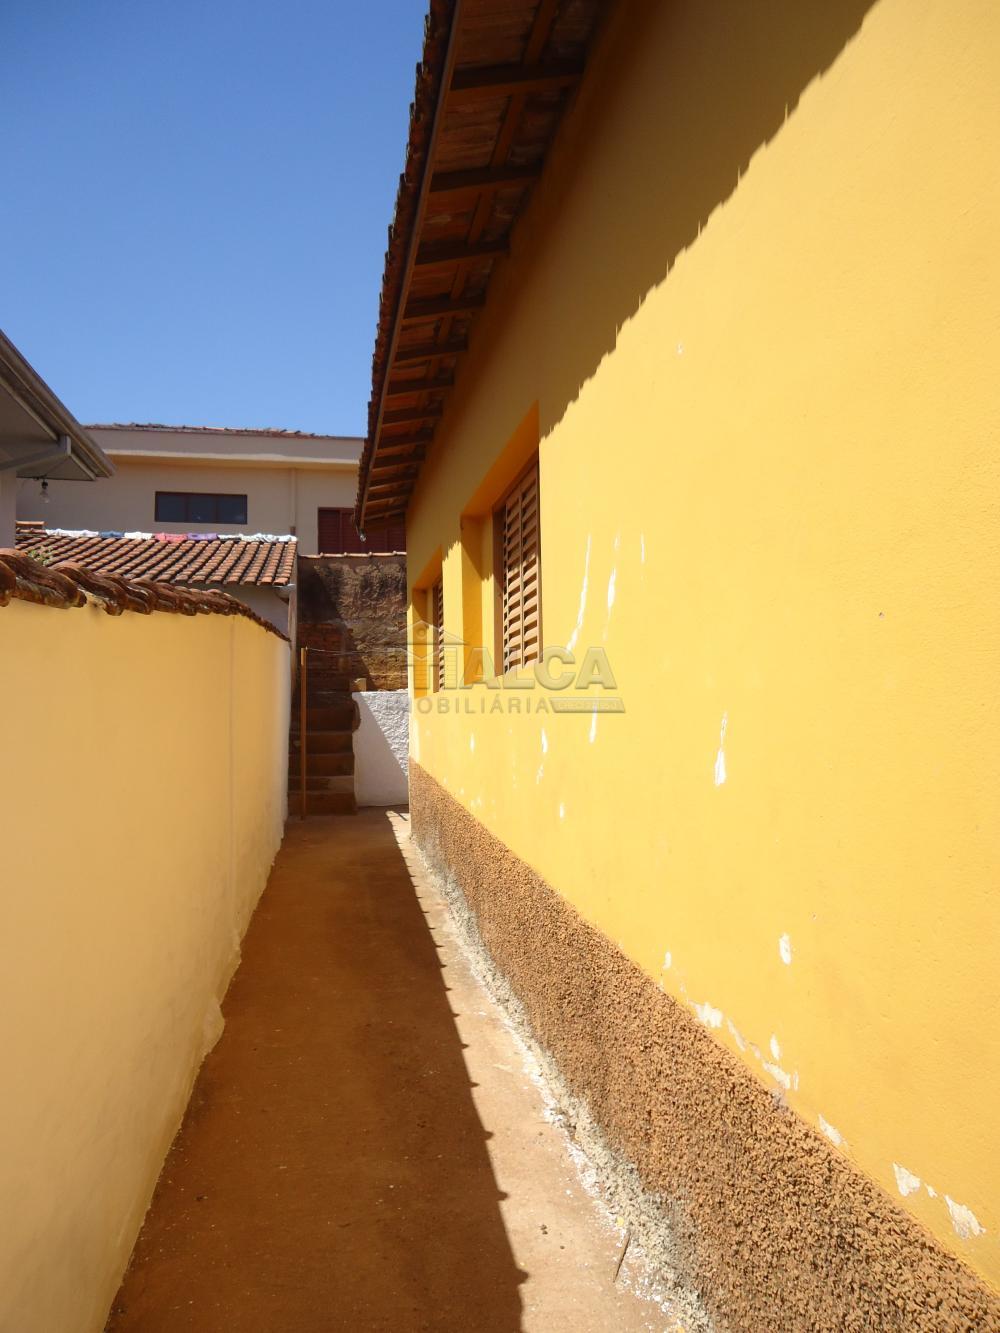 Alugar Casas / Padrão em São José do Rio Pardo apenas R$ 650,00 - Foto 27